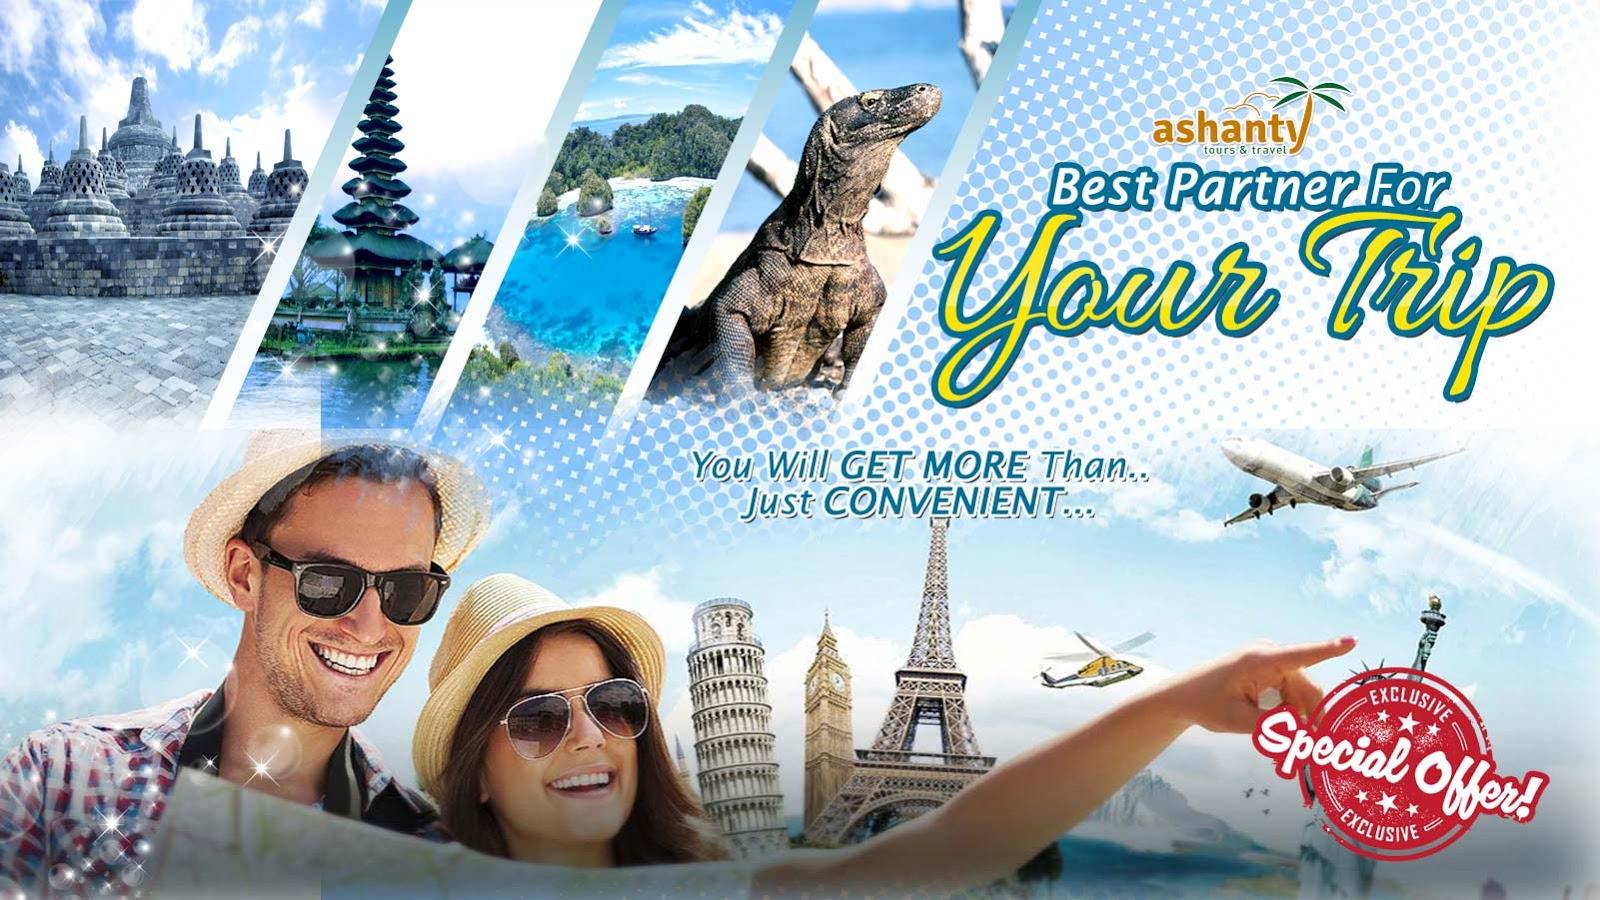 travel tour luar negeri surabaya, tour travel terkenal di surabaya, tour travel dari surabaya